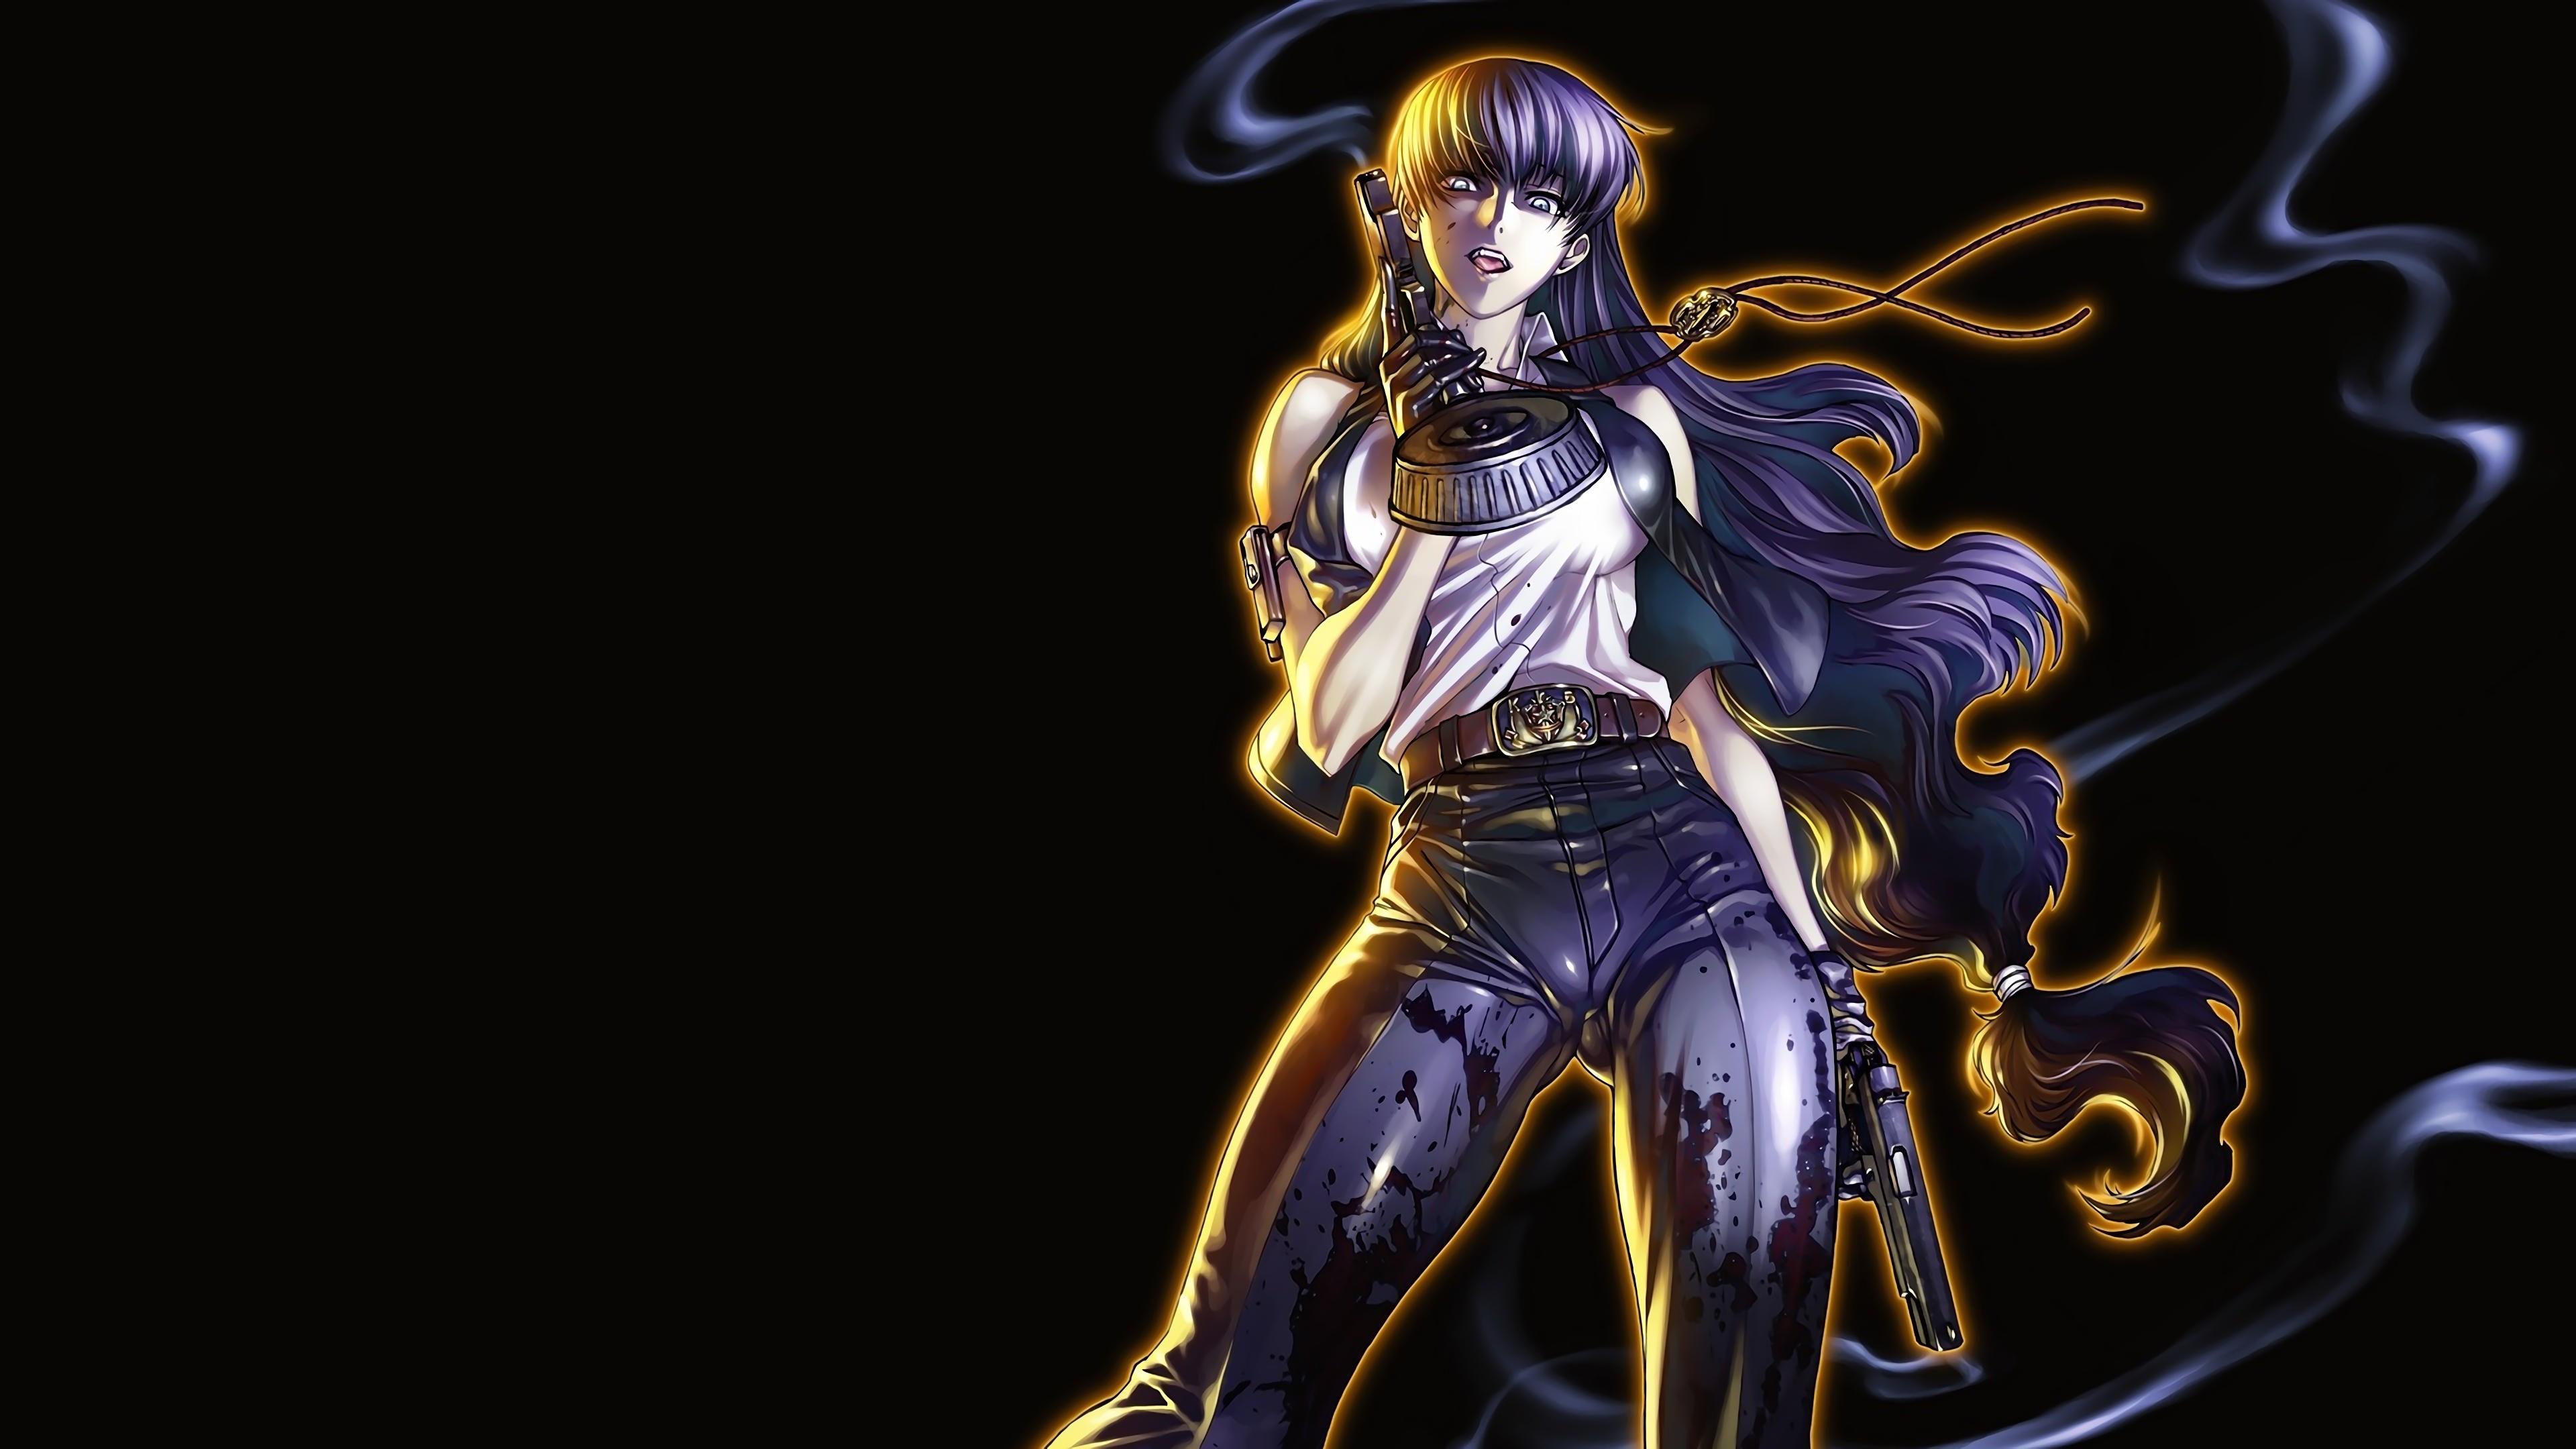 デスクトップ壁紙 ブラックラグーン アニメの女の子 3840x2160